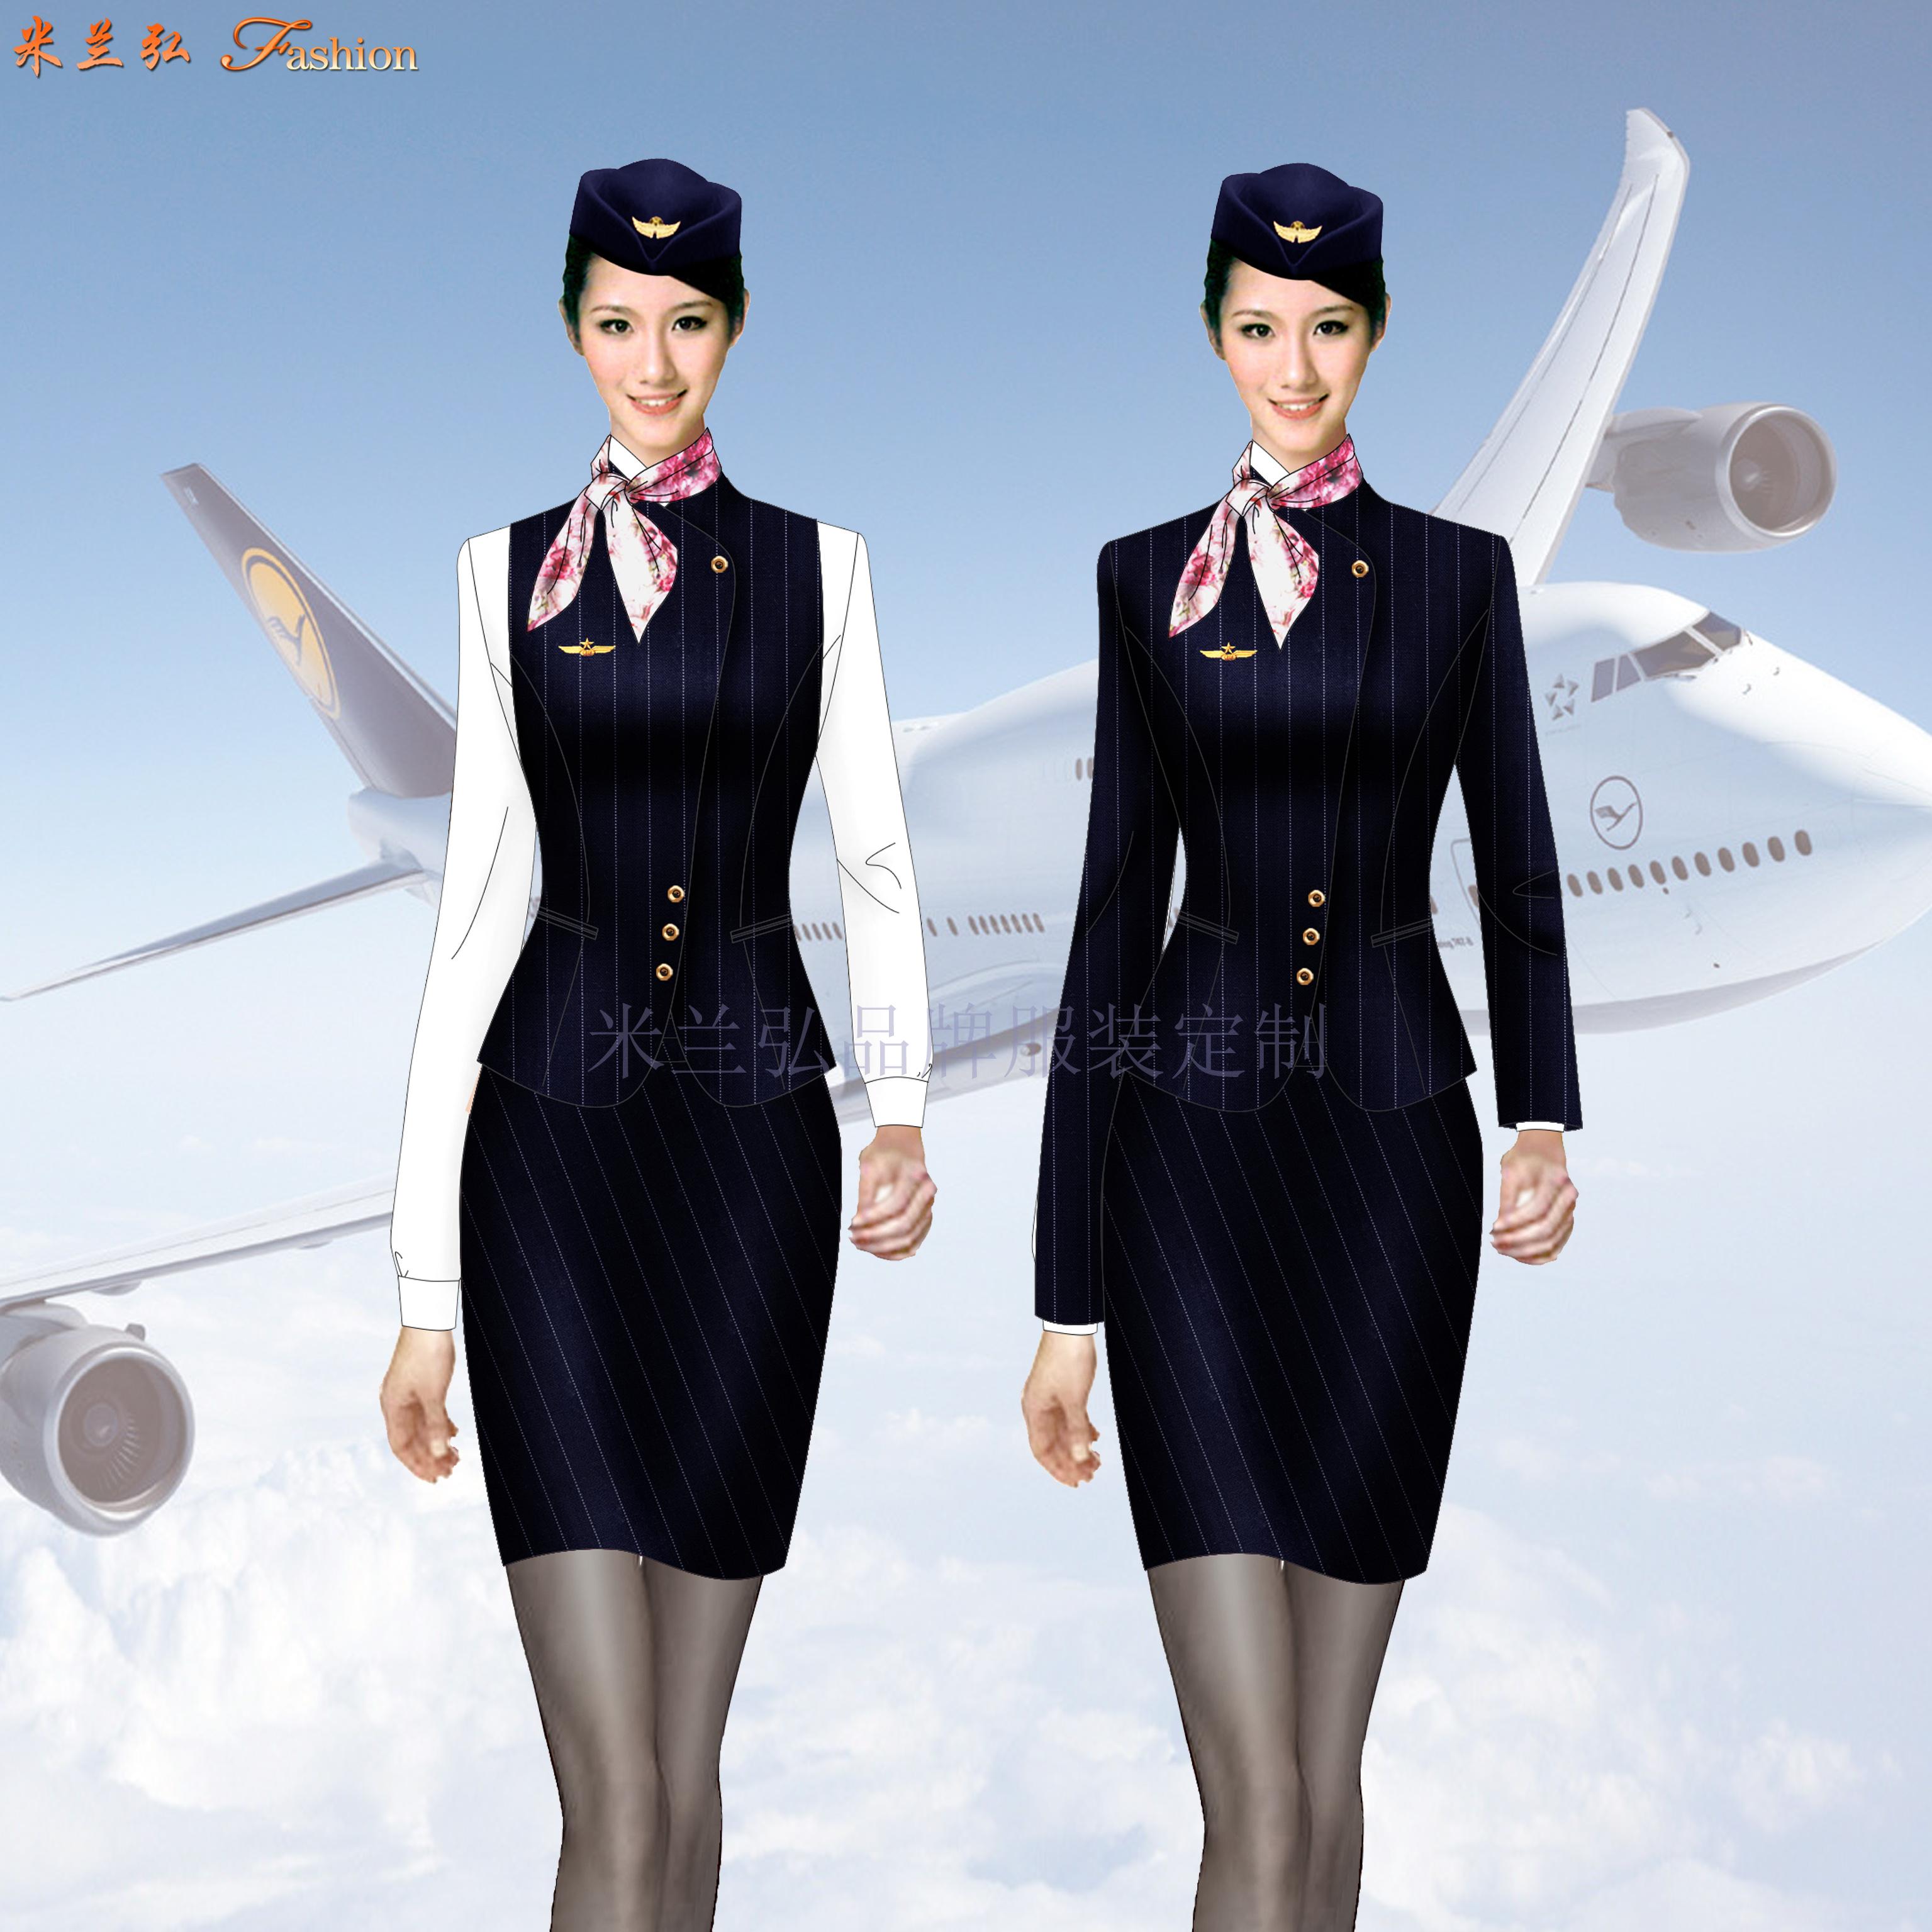 江西空姐服定制-空乘人員服裝圖片-米蘭弘服裝-2